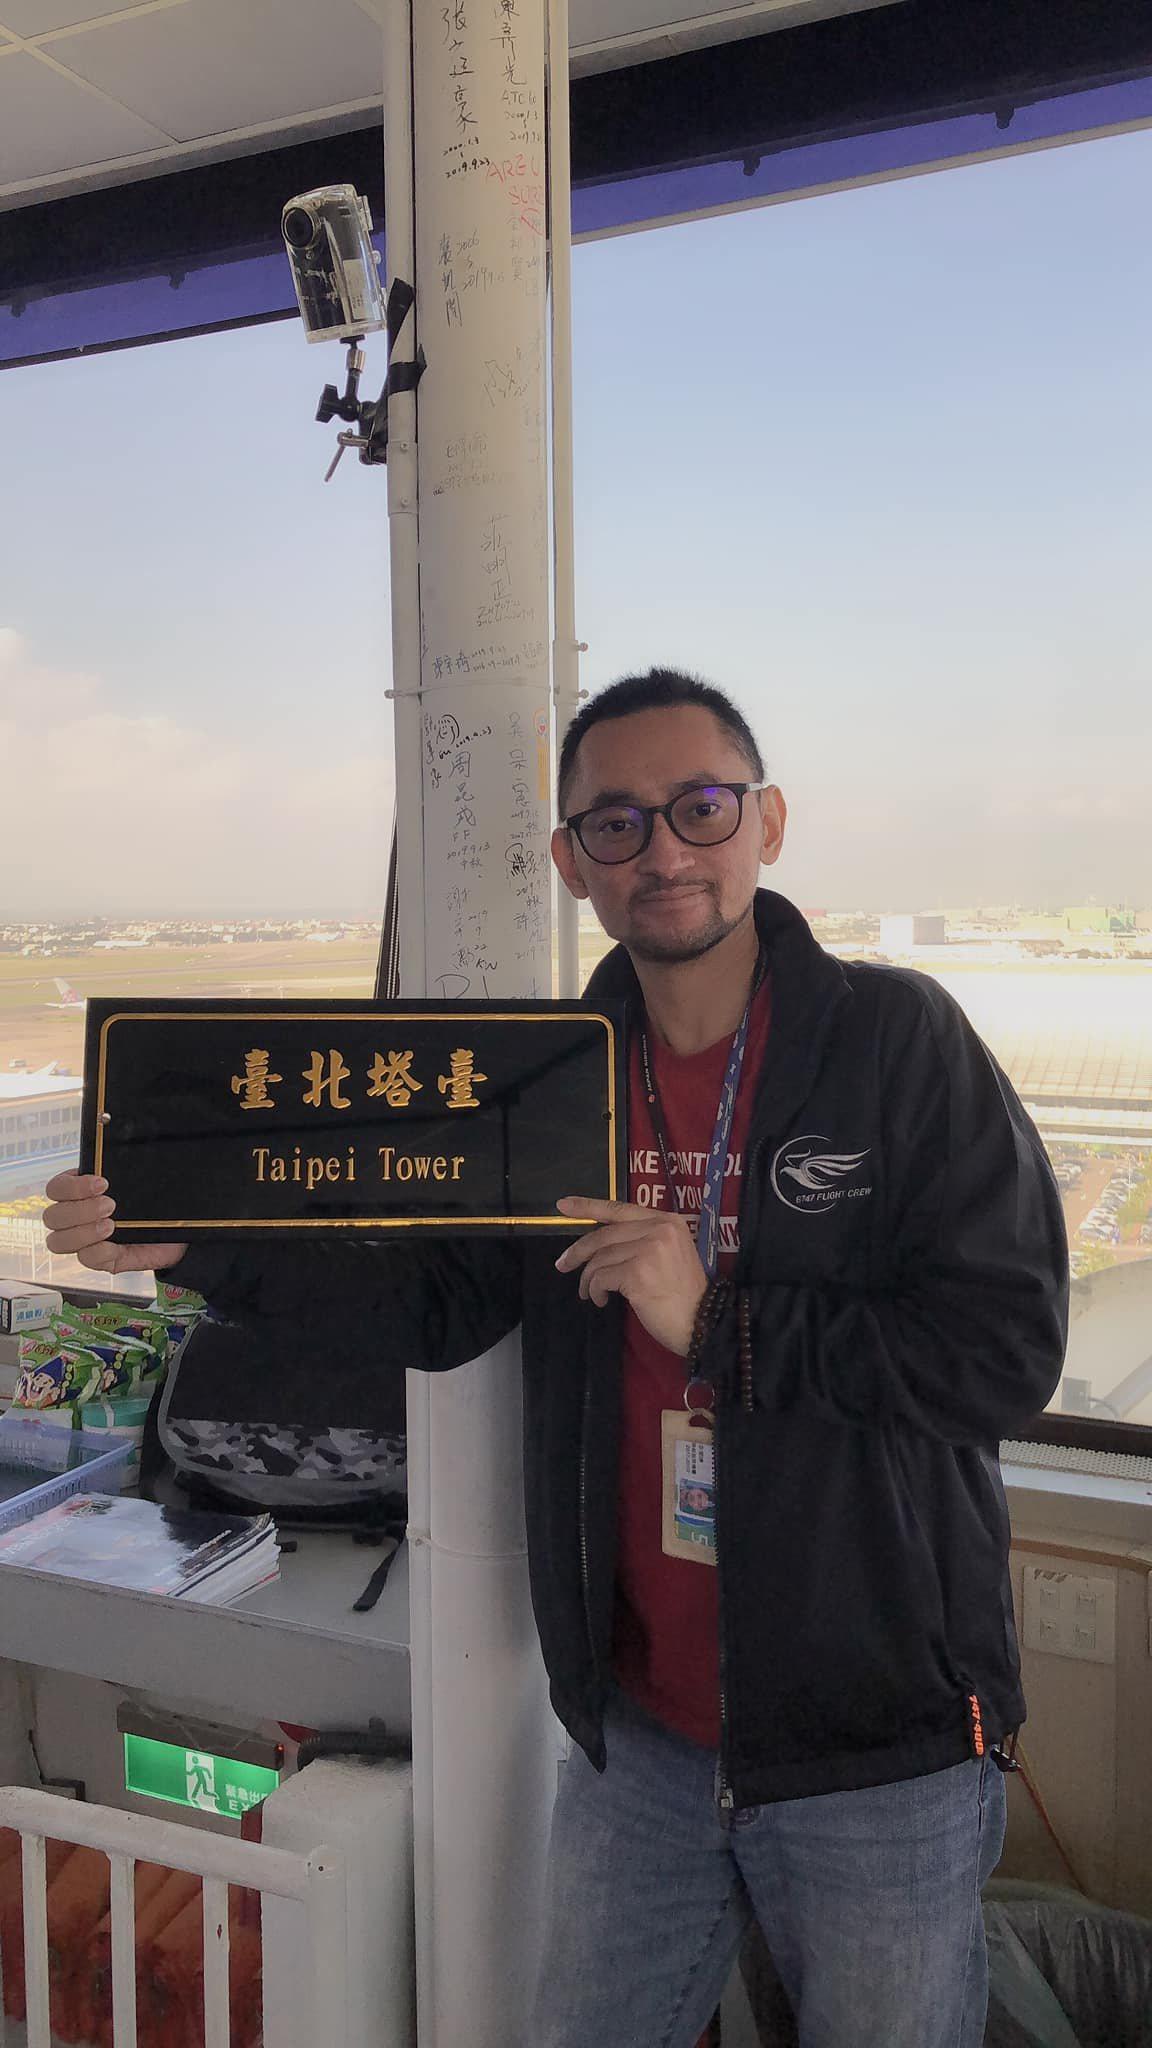 塔台英雄李宏鳴昨晚因多重癌導致心肺衰竭病逝,享年43歲。圖/取自李宏鳴臉書